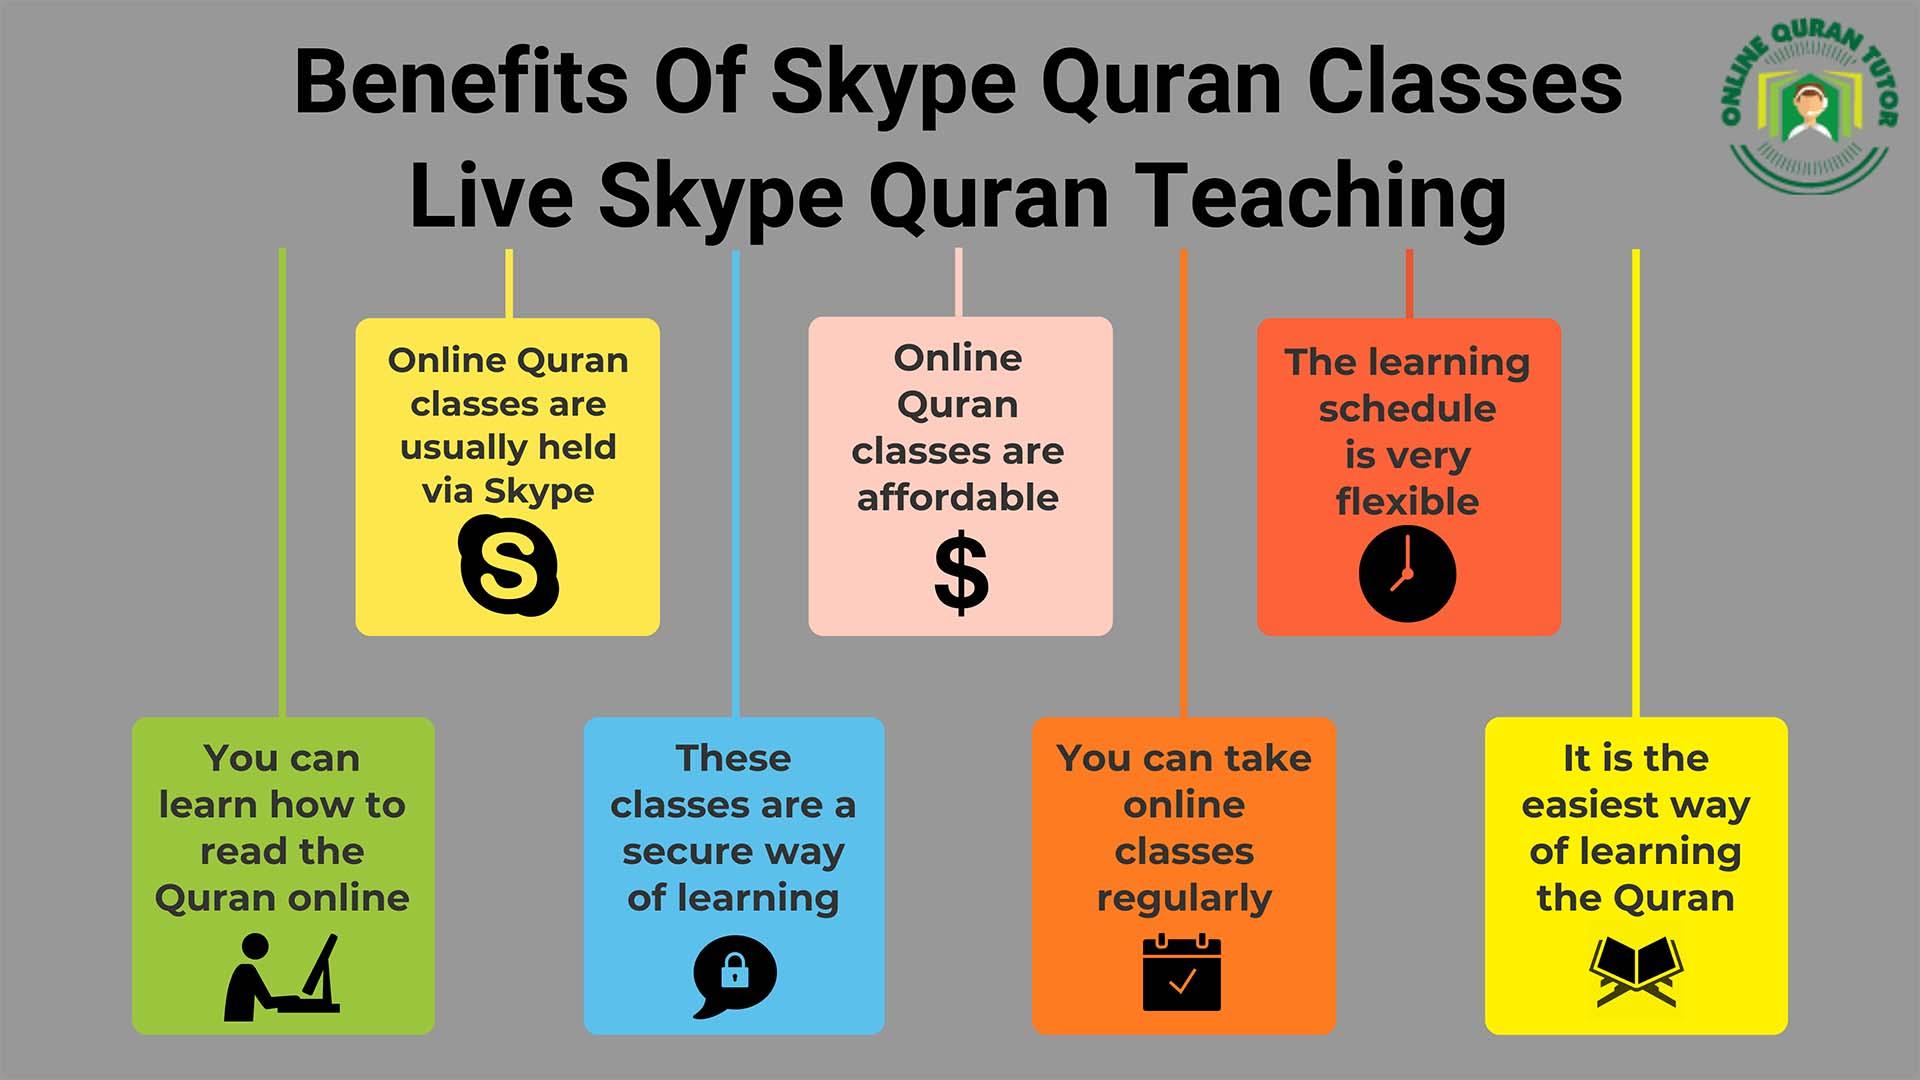 Benefits of Skype Quran Classes - Live Skype Quran Teaching